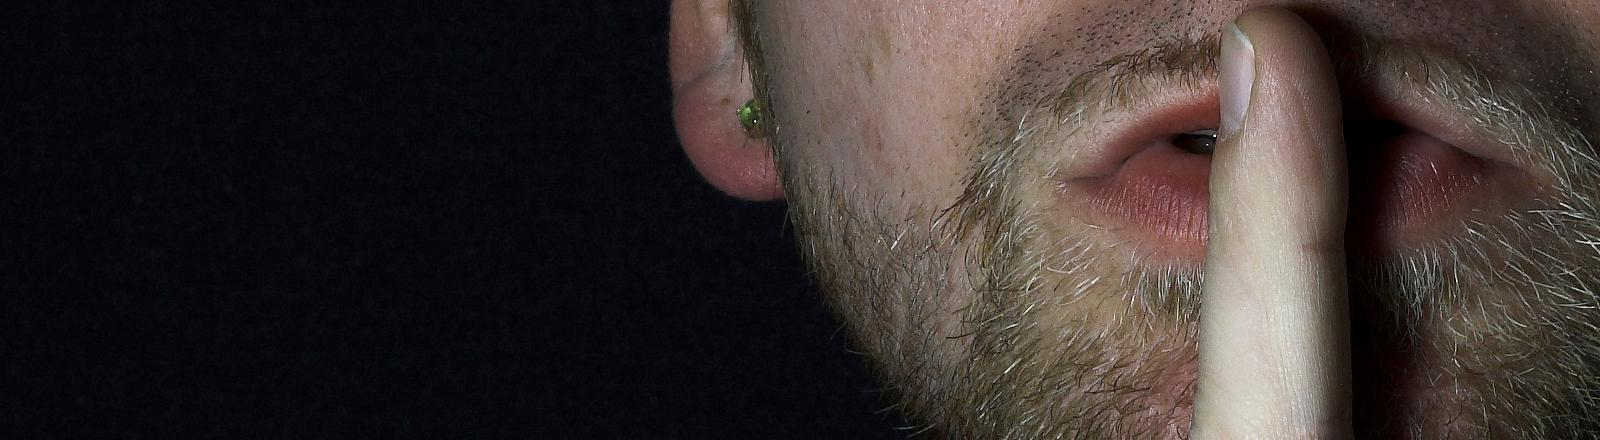 Ein Mann hält sich zum Zeichen still zu sein einen Finger vor den Mund